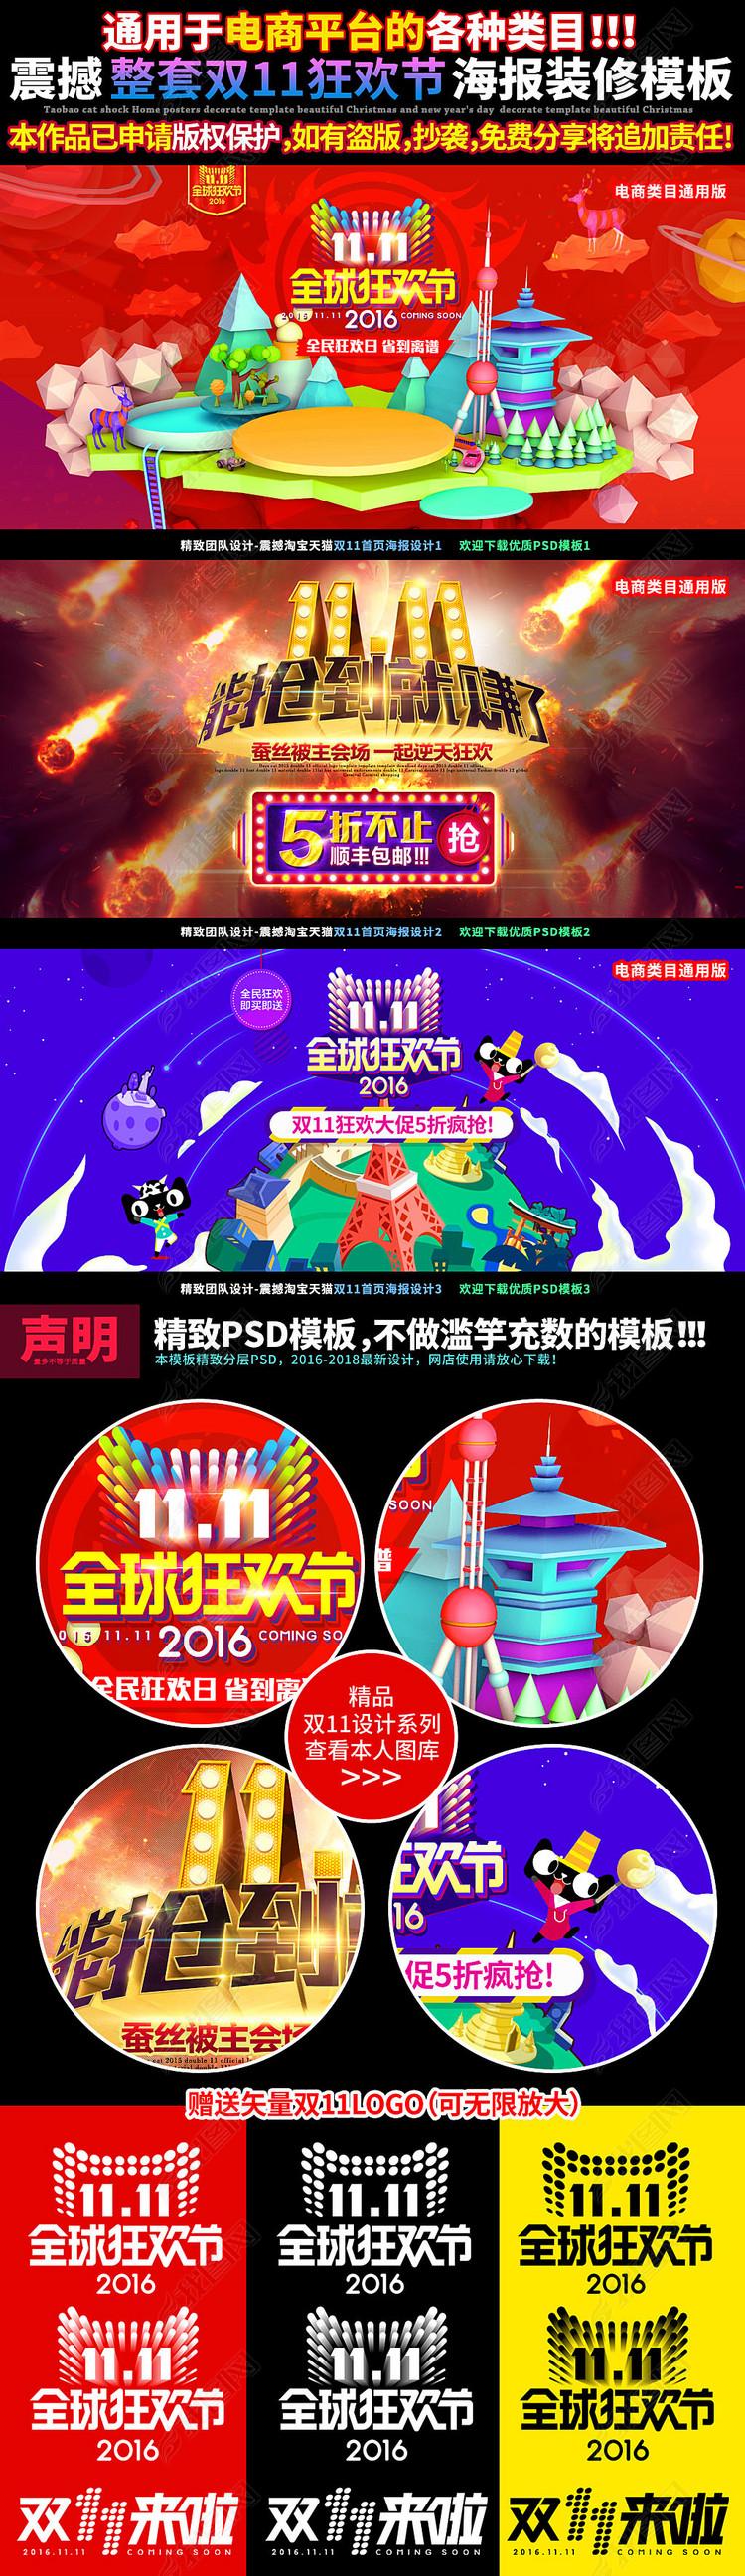 2016双十一全球狂欢节淘宝海报装修模板